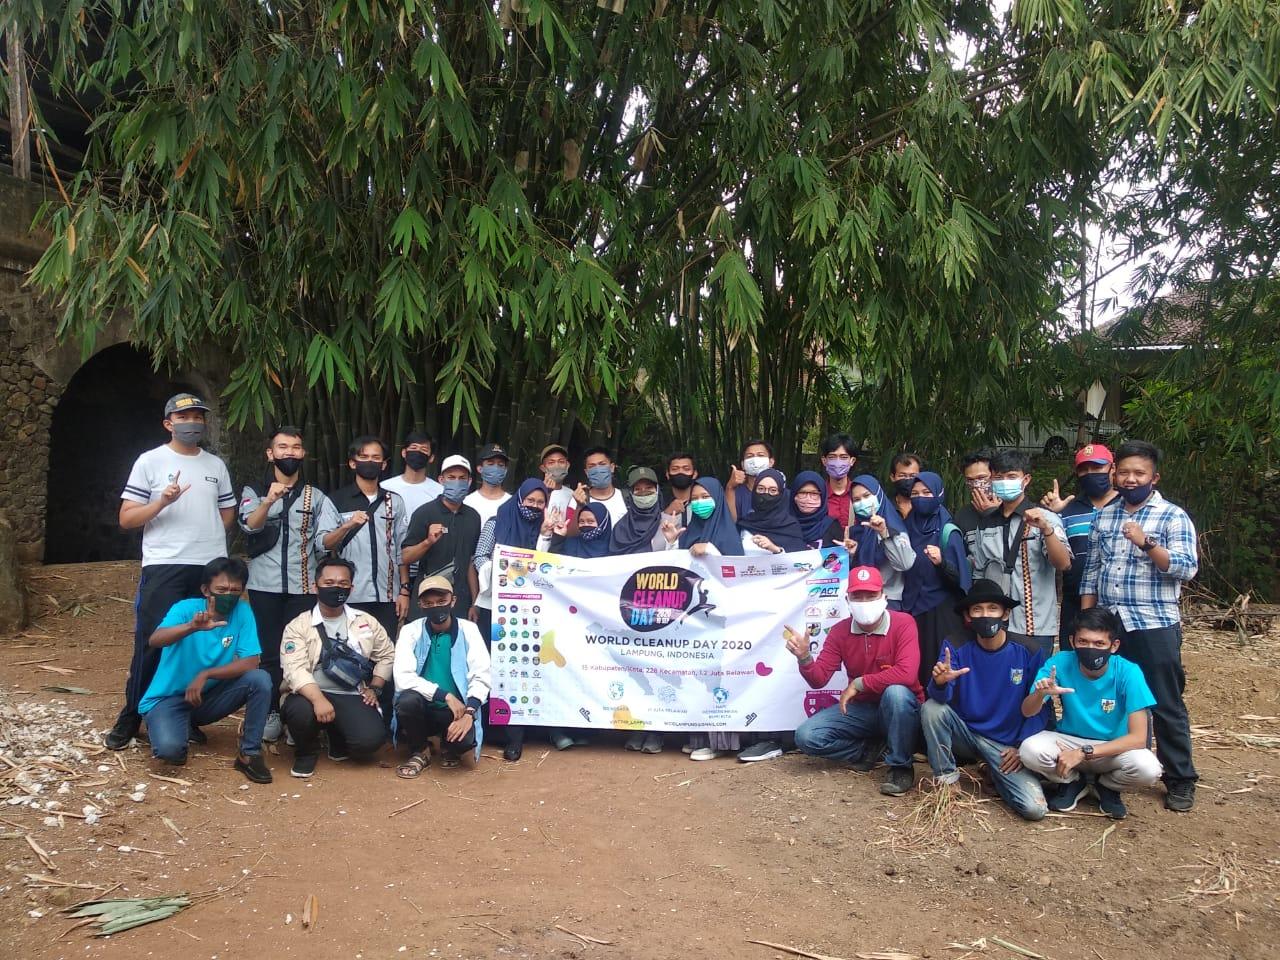 Sambut hari sampah sedunia, KNPI Kec. Langkapura Ajak Masyarakat dan Pemerintah untuk Berperan aktif menanggulangi sampah dikota Bandar Lampung